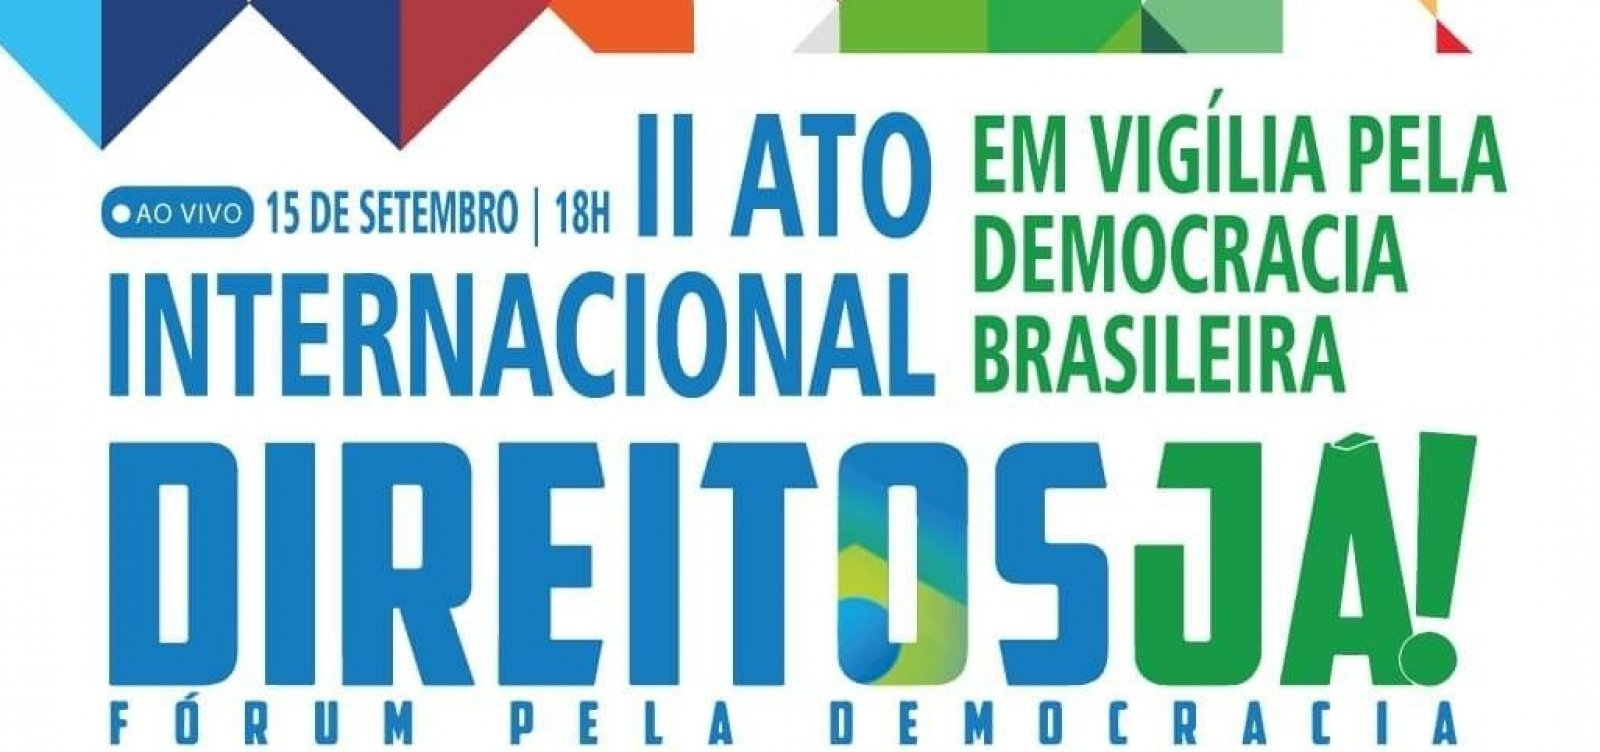 PT, DEM, PSL e outros 13 partidos se reúnem em ato no Dia Internacional da Democracia